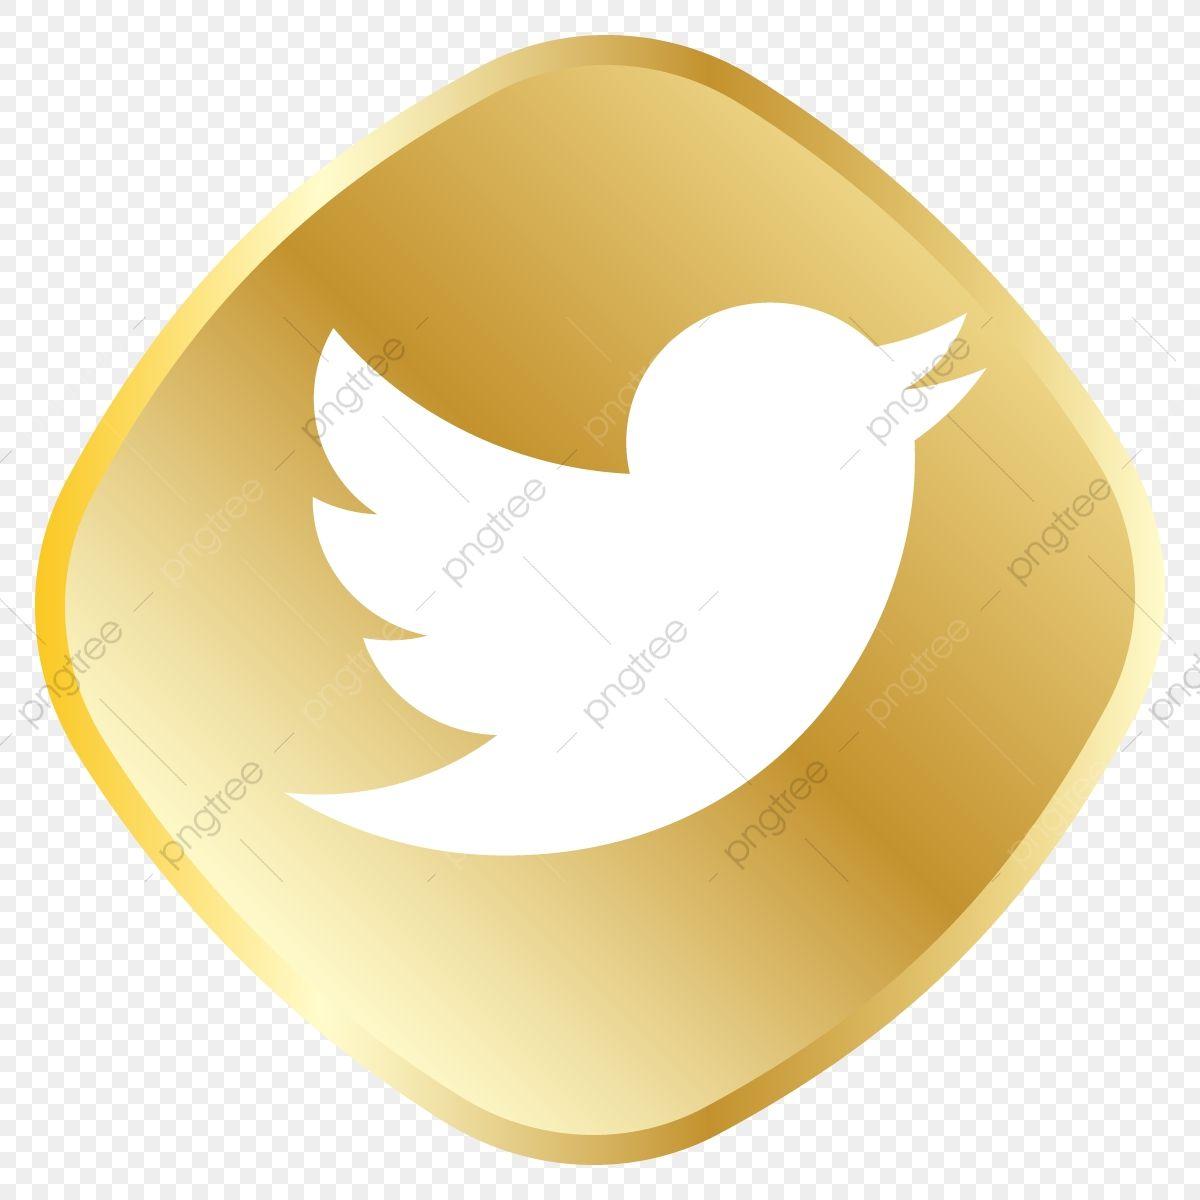 جولدن ايقونة تويتر شعار تويتر ناقل تويتر أيقونة تويتر Png والمتجهات للتحميل مجانا Twitter Icon Icon